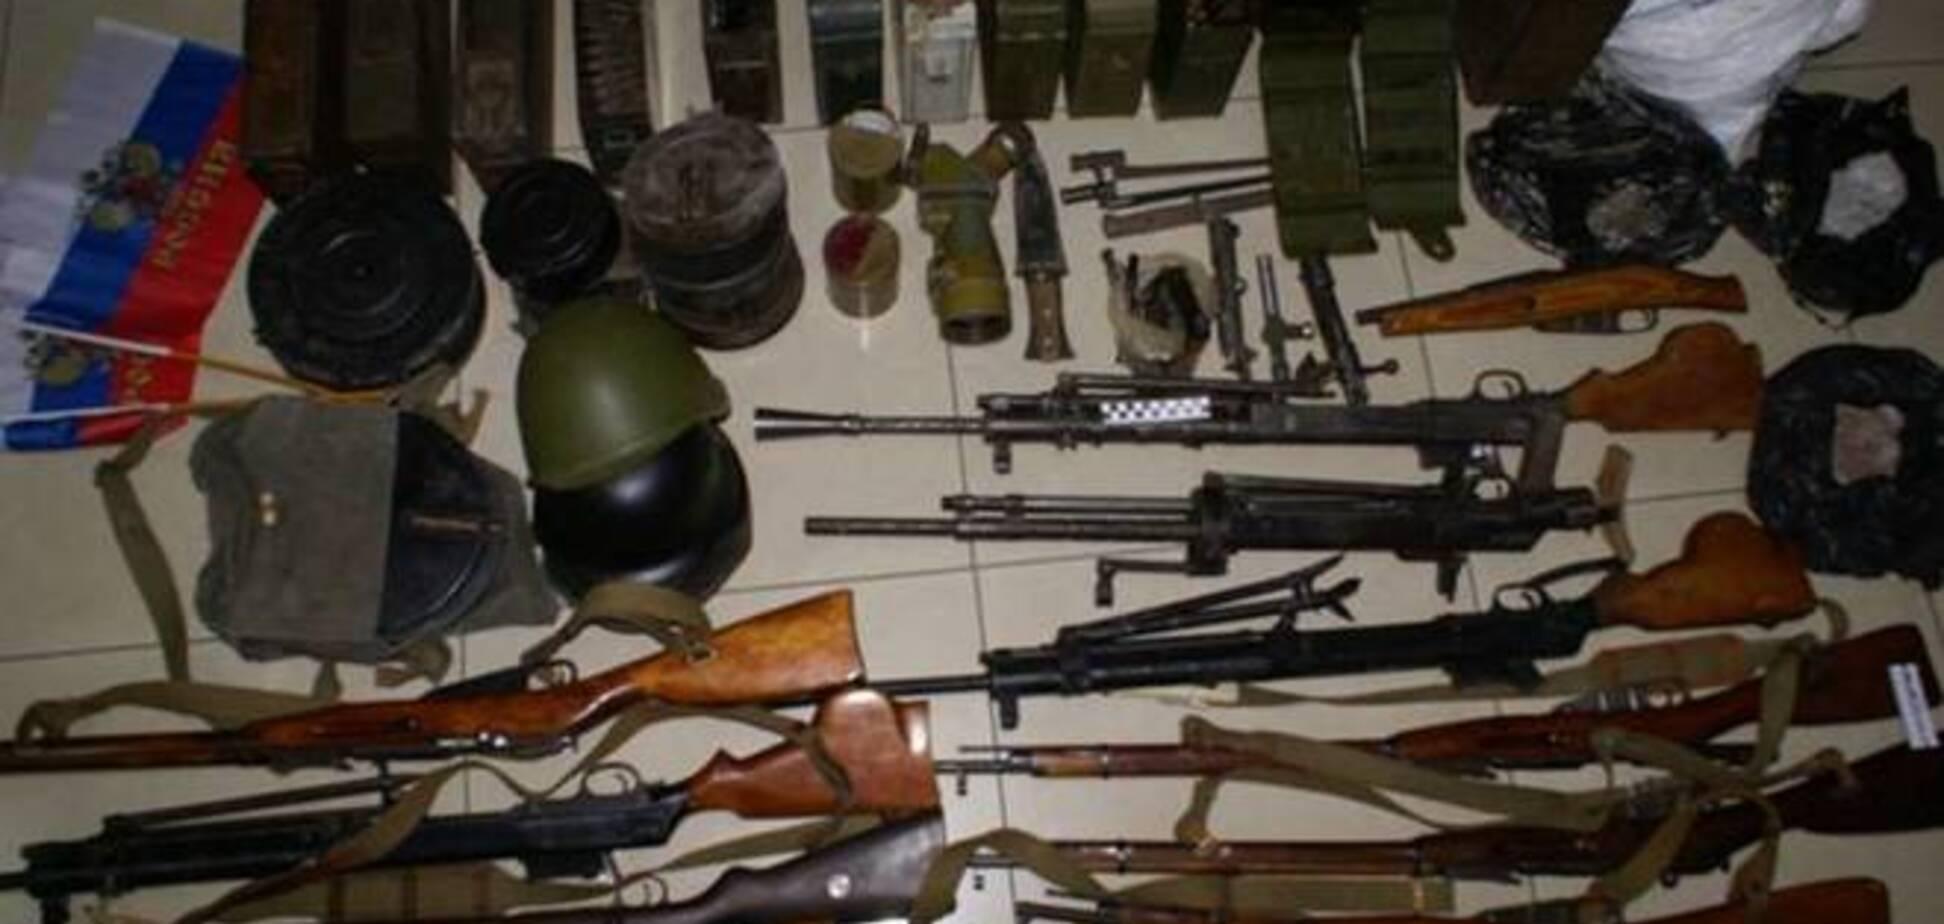 СБУ задержала группу торговцев боеприпасами и изъяла арсенал оружия: опубликованы фото